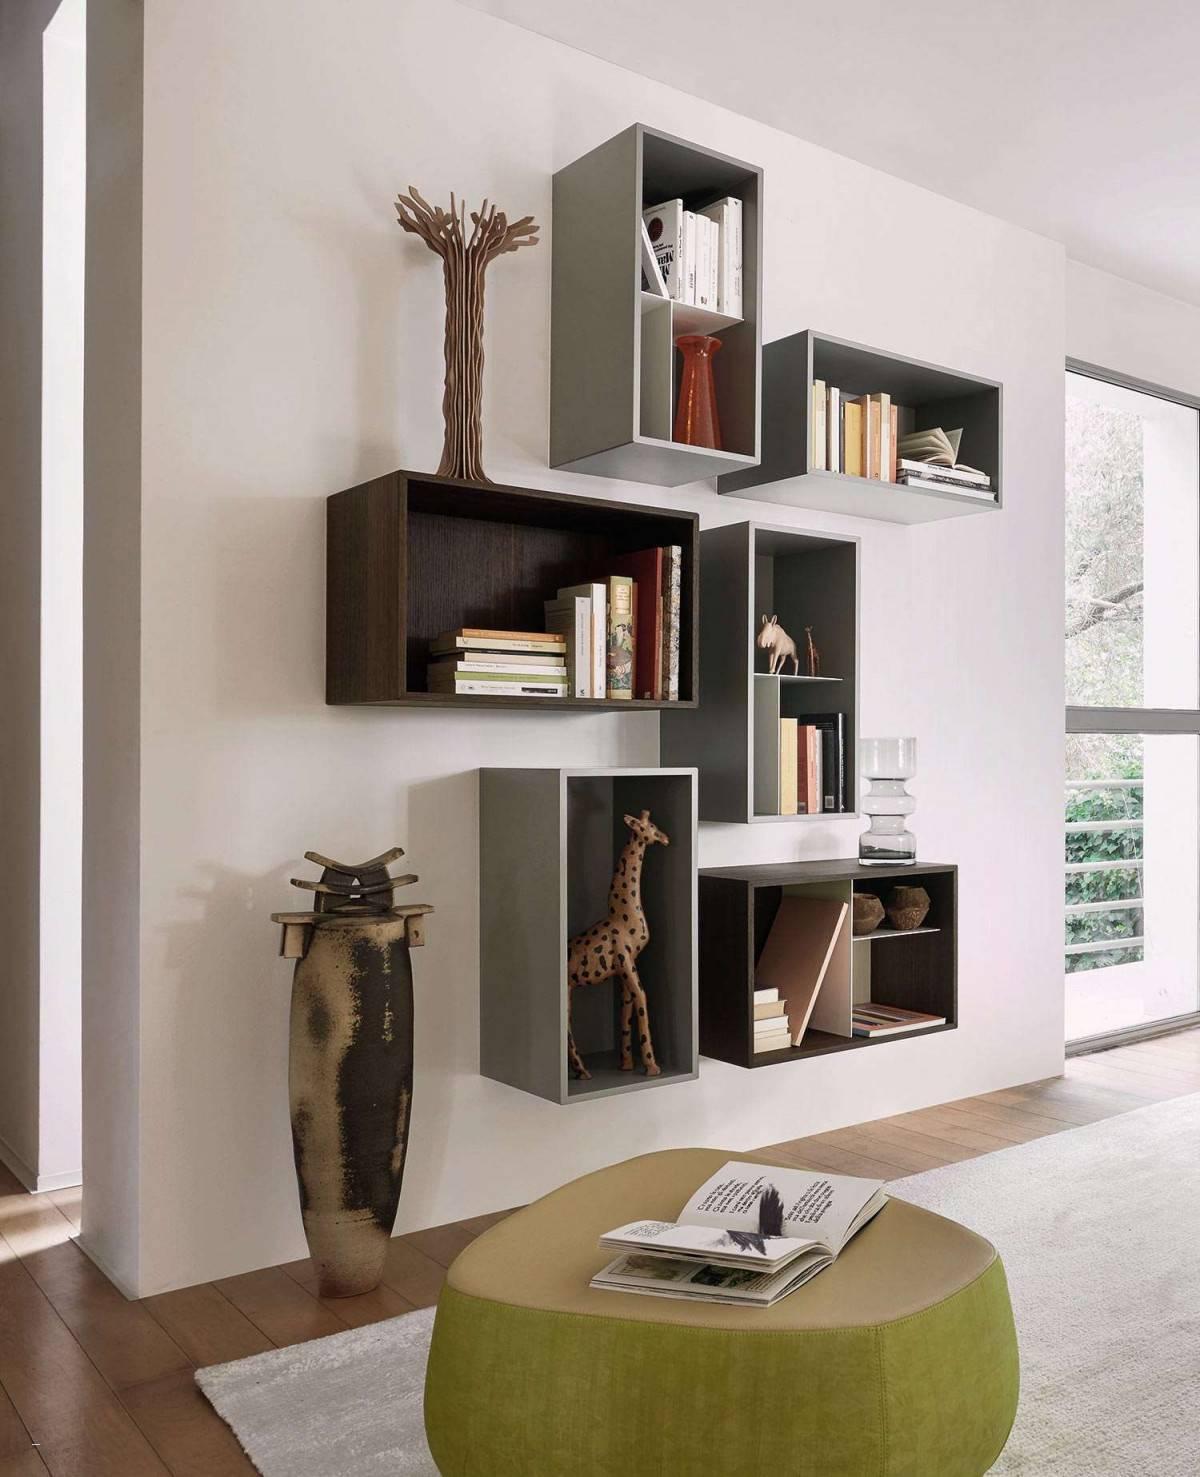 wohnzimmer dekoration modern luxus tv wand mit beleuchtung prime wohnzimmer deko modern kamin im of wohnzimmer dekoration modern